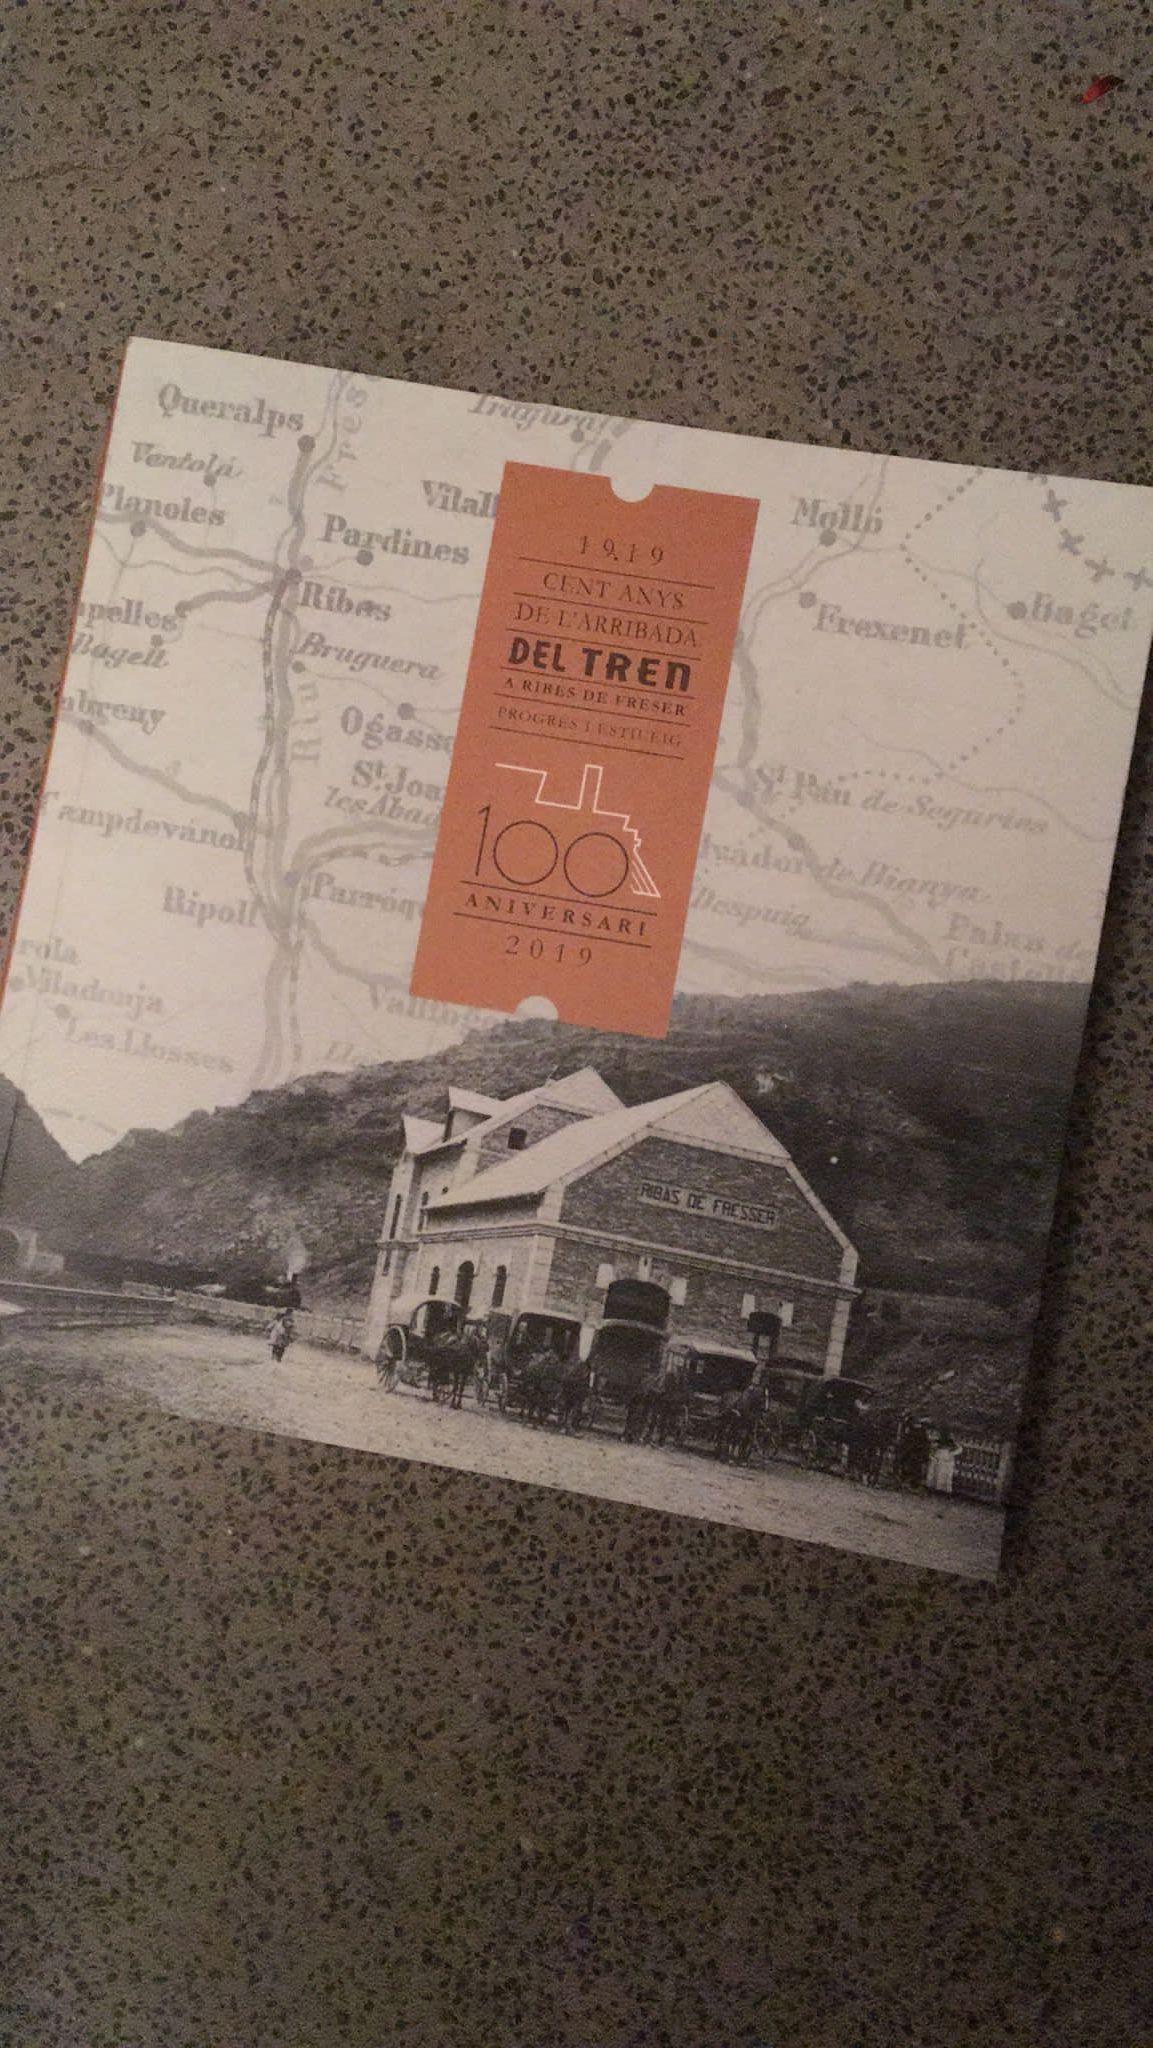 presentat-el-llibre-1919-cent-anys-de-larribada-del-tren-a-ribes-de-freser-progres-i-estiueig-de-joaquim-maria-puigvert-vicenc-horta-i-miquel-sitjar